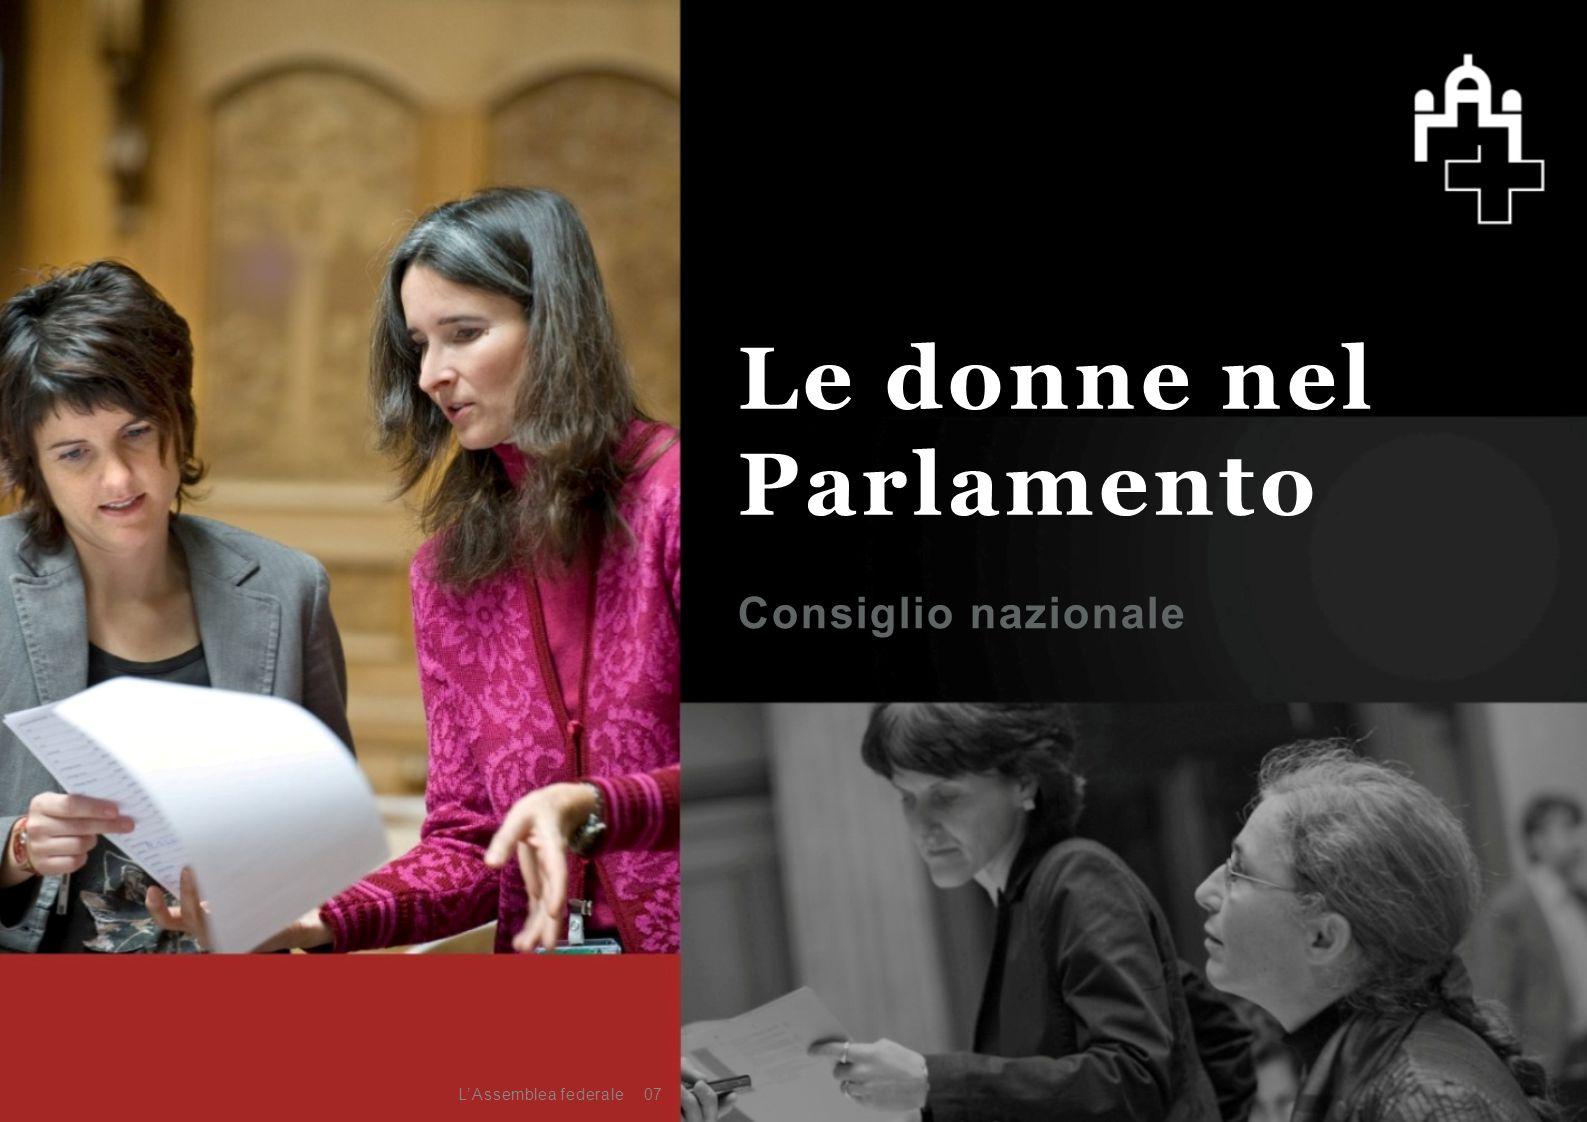 Consiglio nazionale 07 Le donne nel Parlamento L'Assemblea federale